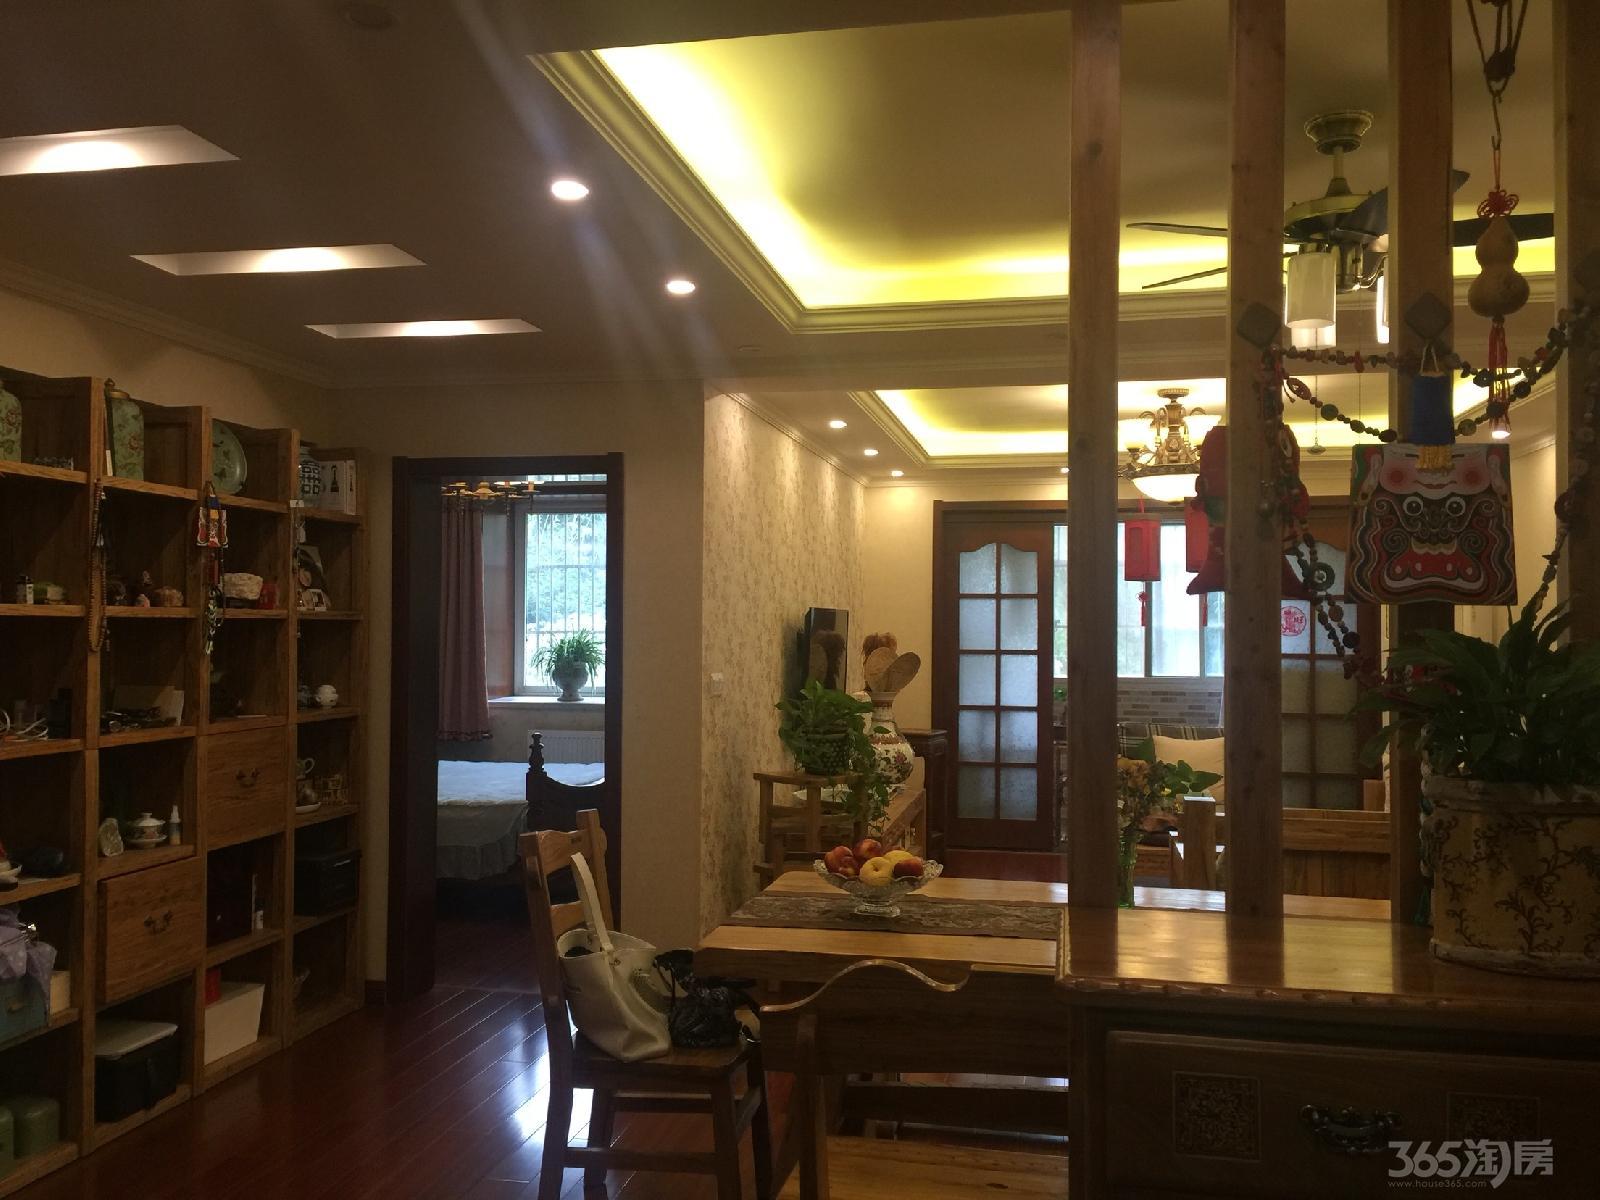 月苑五村3室2厅1卫110平米豪华装产权房2009年建